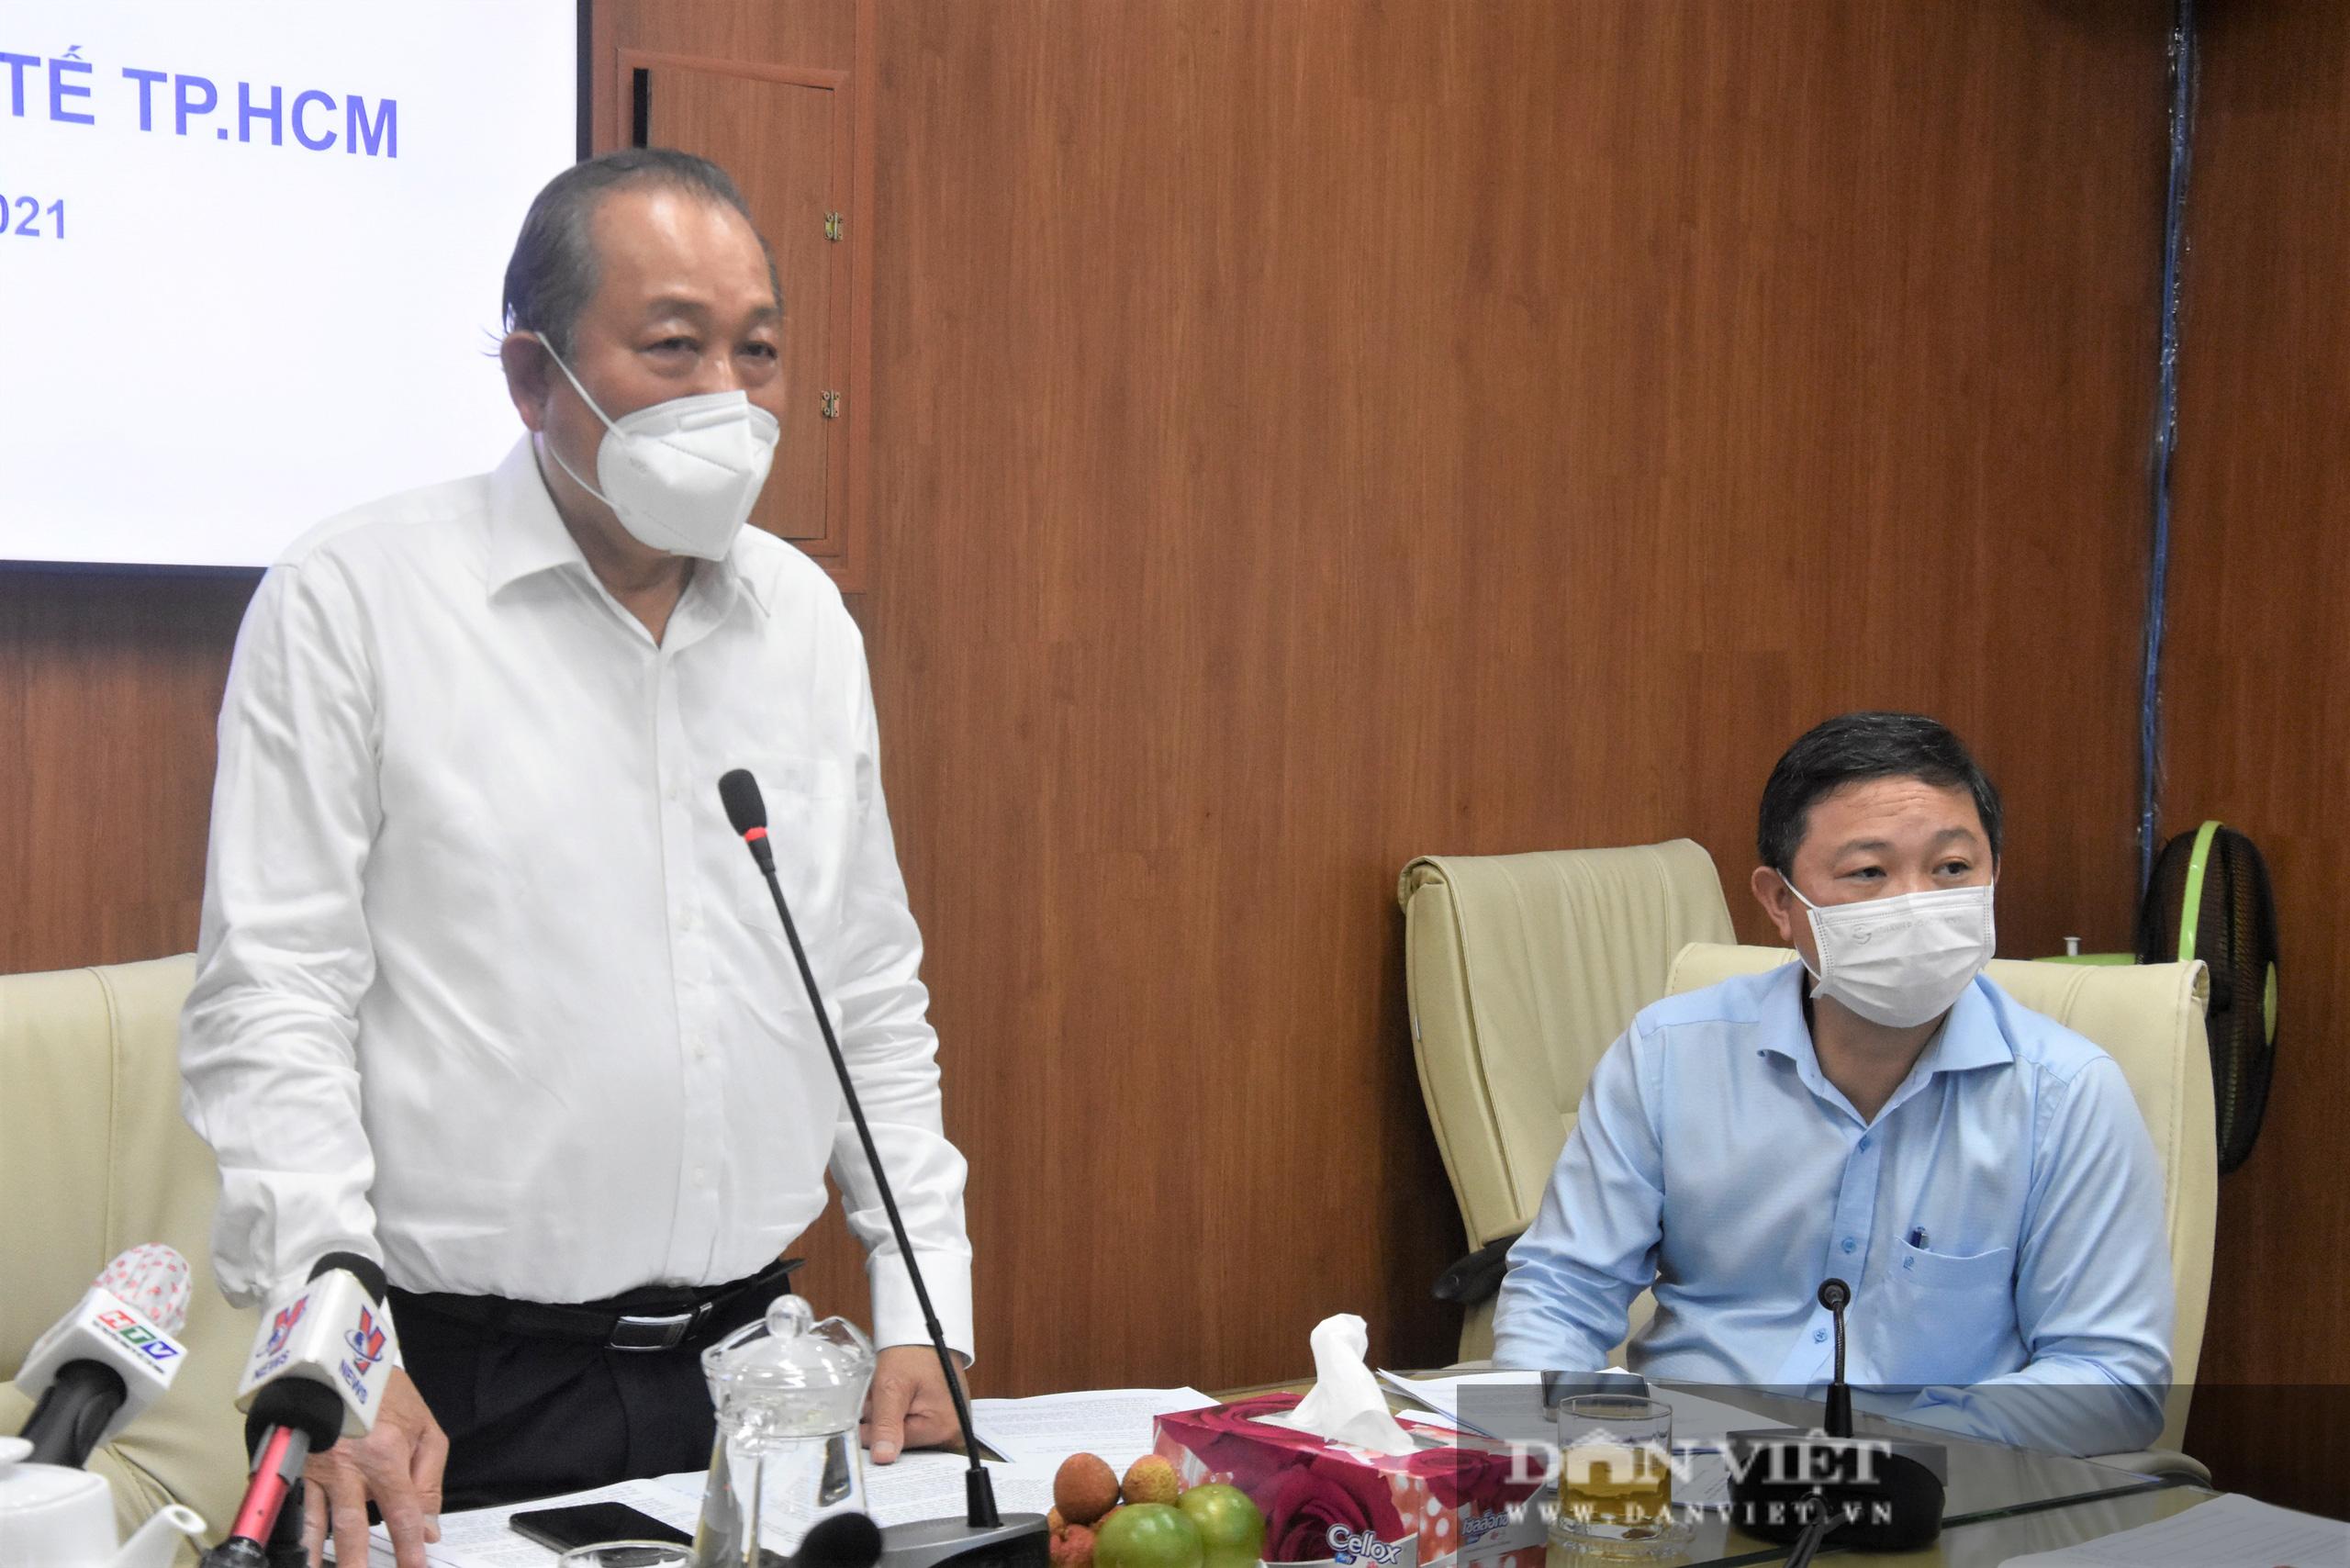 """Phó Thủ tướng thường trực Trương Hòa Bình: Phải """"tiết kiệm"""" bác sĩ tuyến đầu - Ảnh 1."""